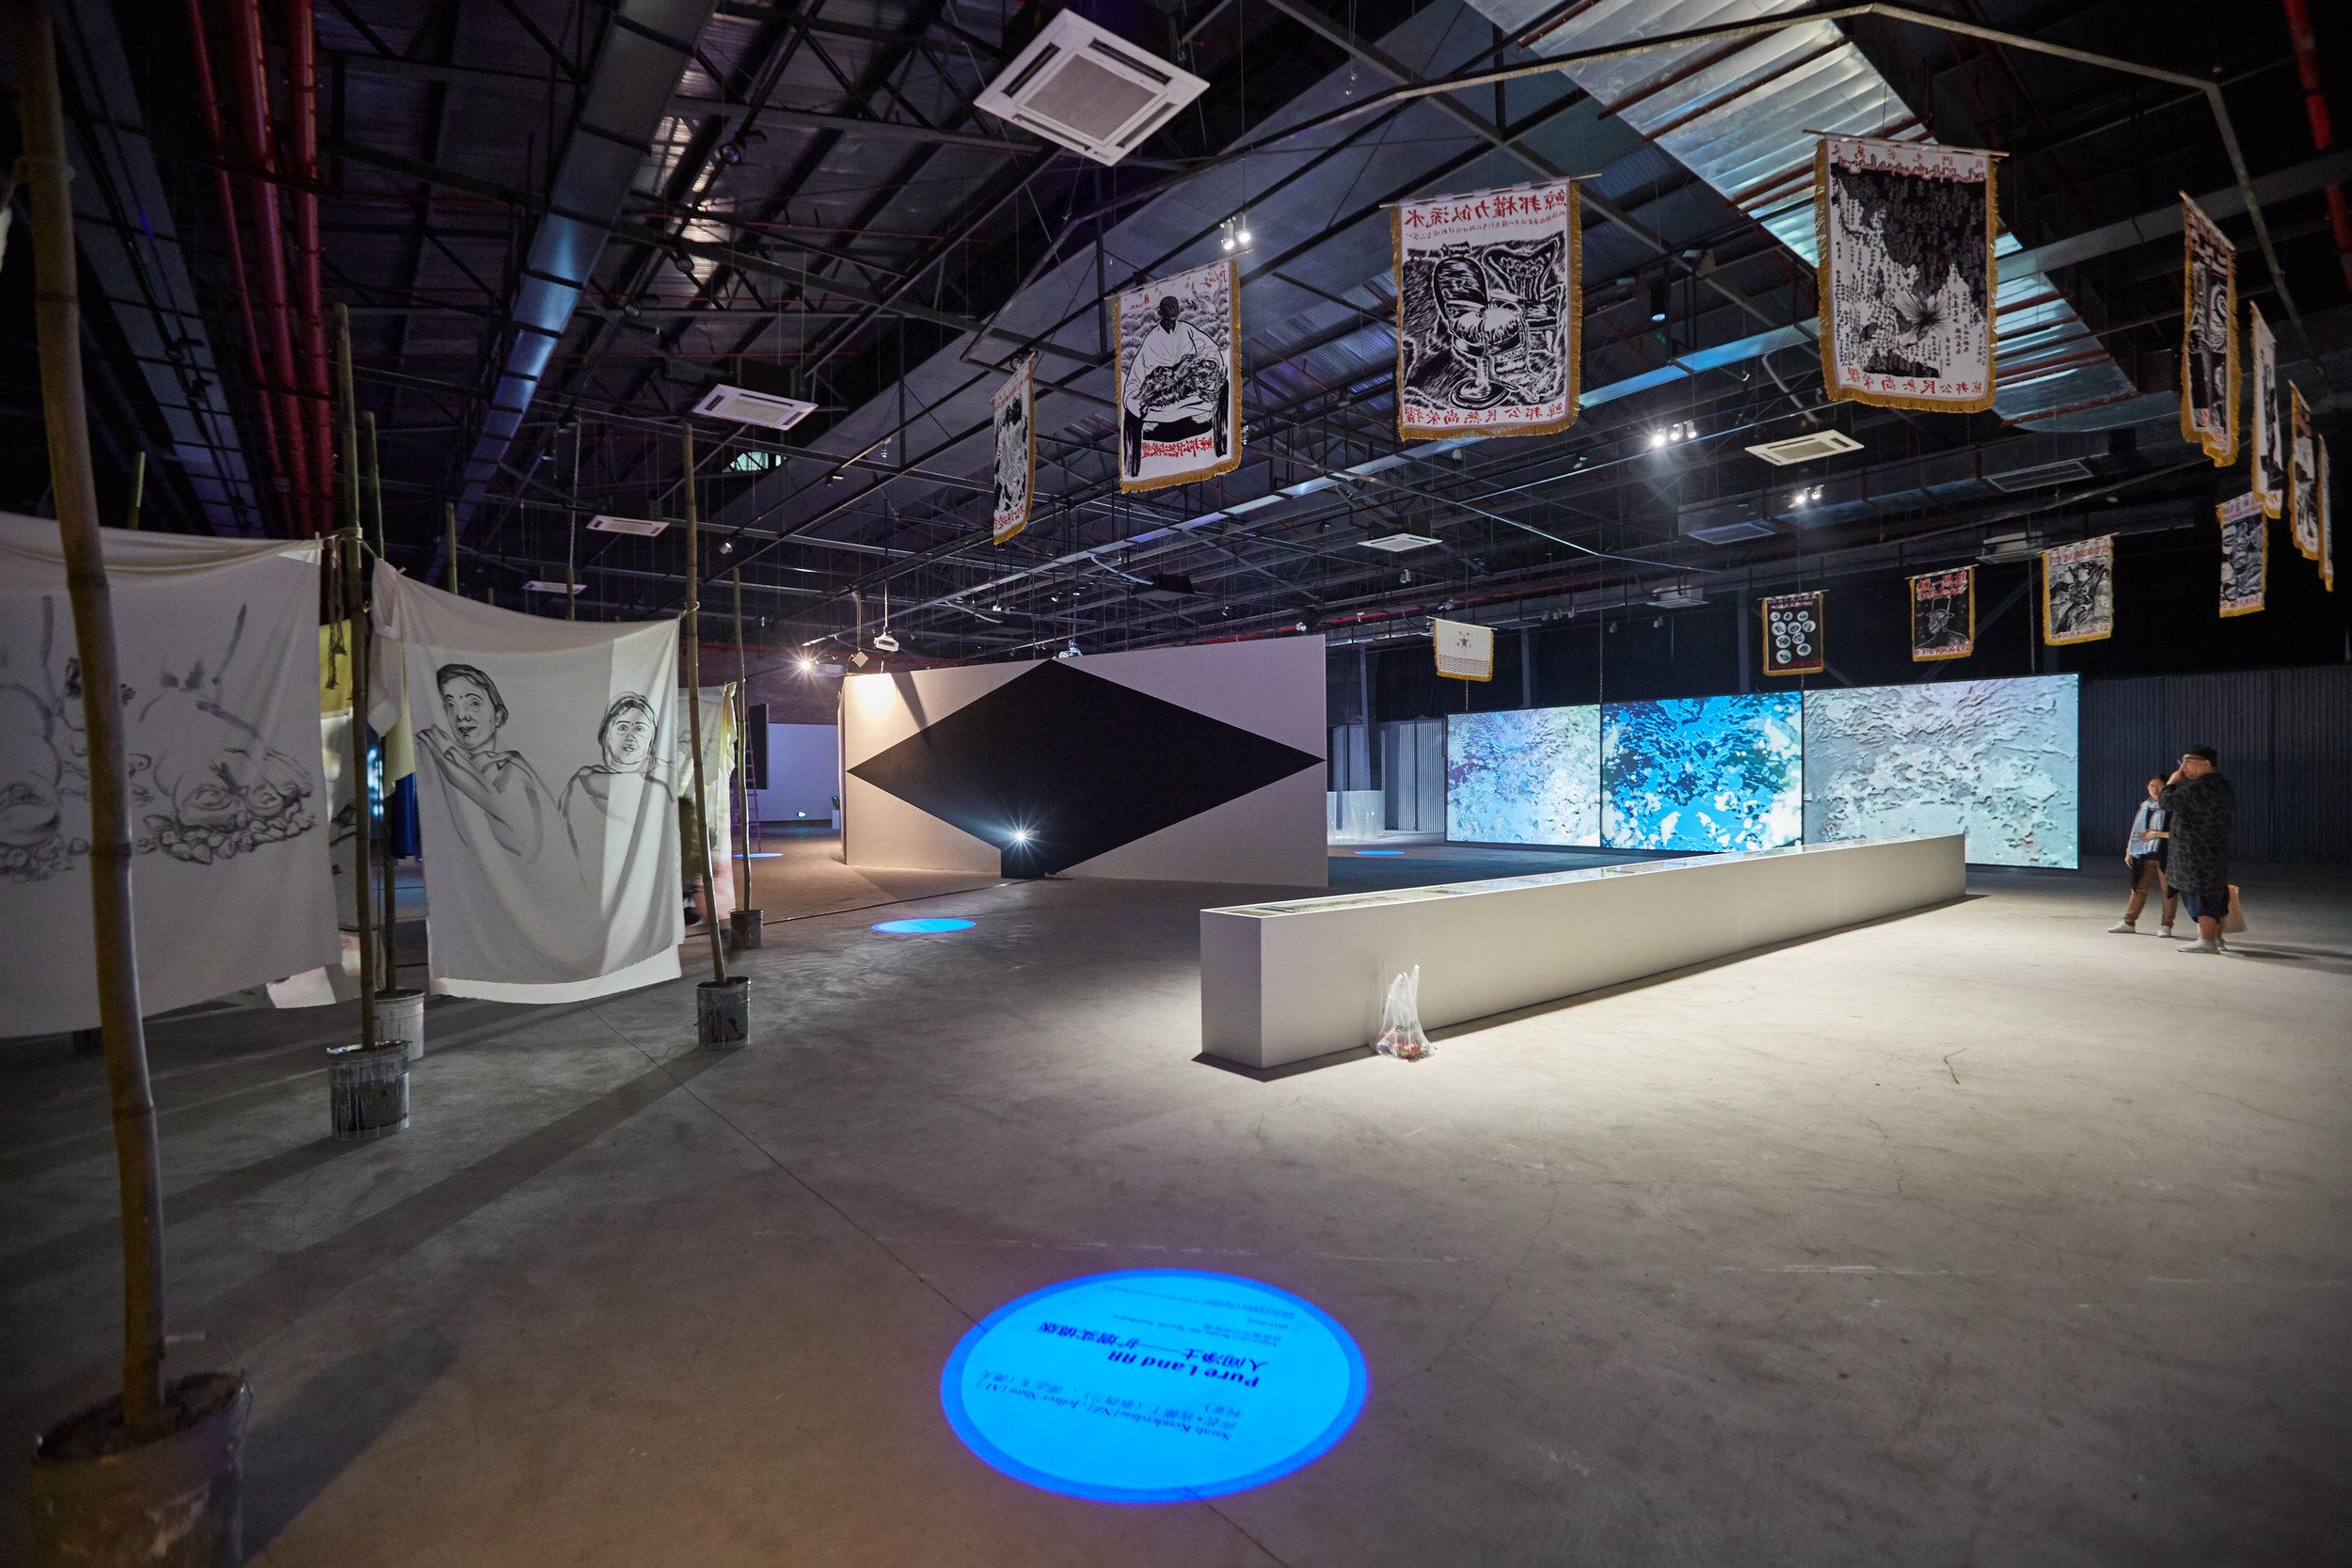 展览 - Exhibition